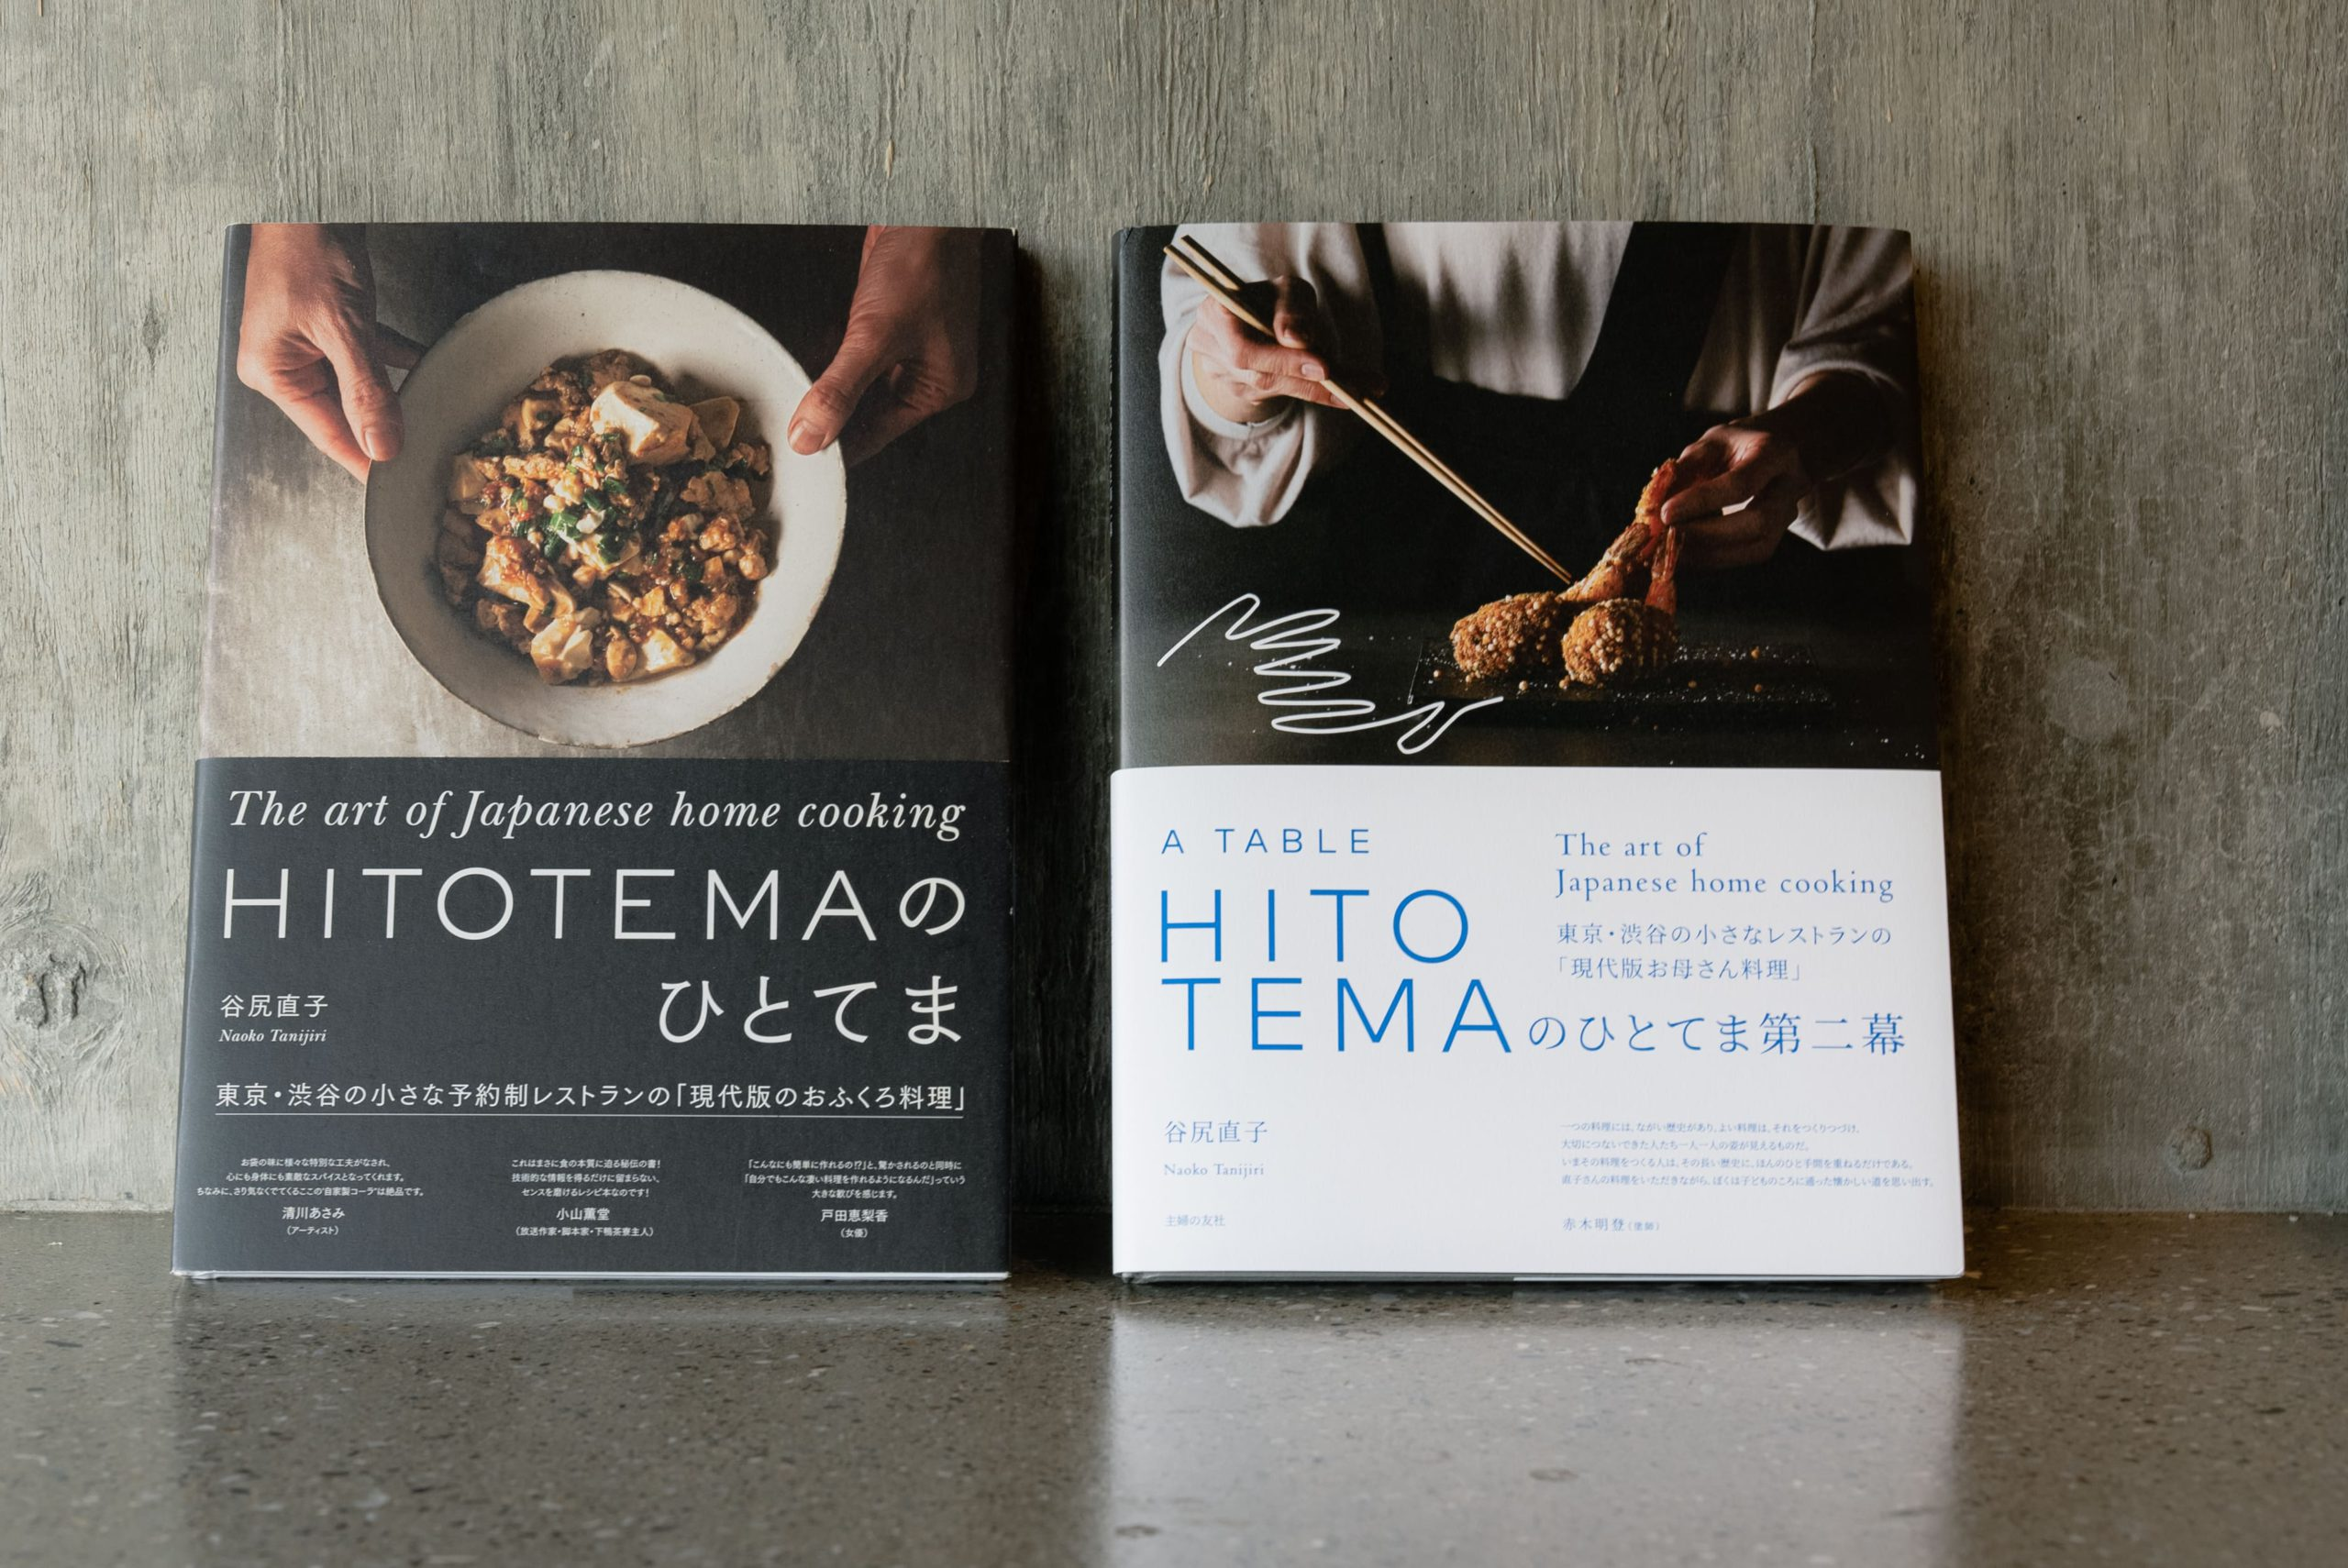 第1弾、2弾ともに主婦の友社より出版。日本の料理本としては珍しいハードブックタイプの料理本はデザインや写真も美しく、インテリアのような存在感もある。